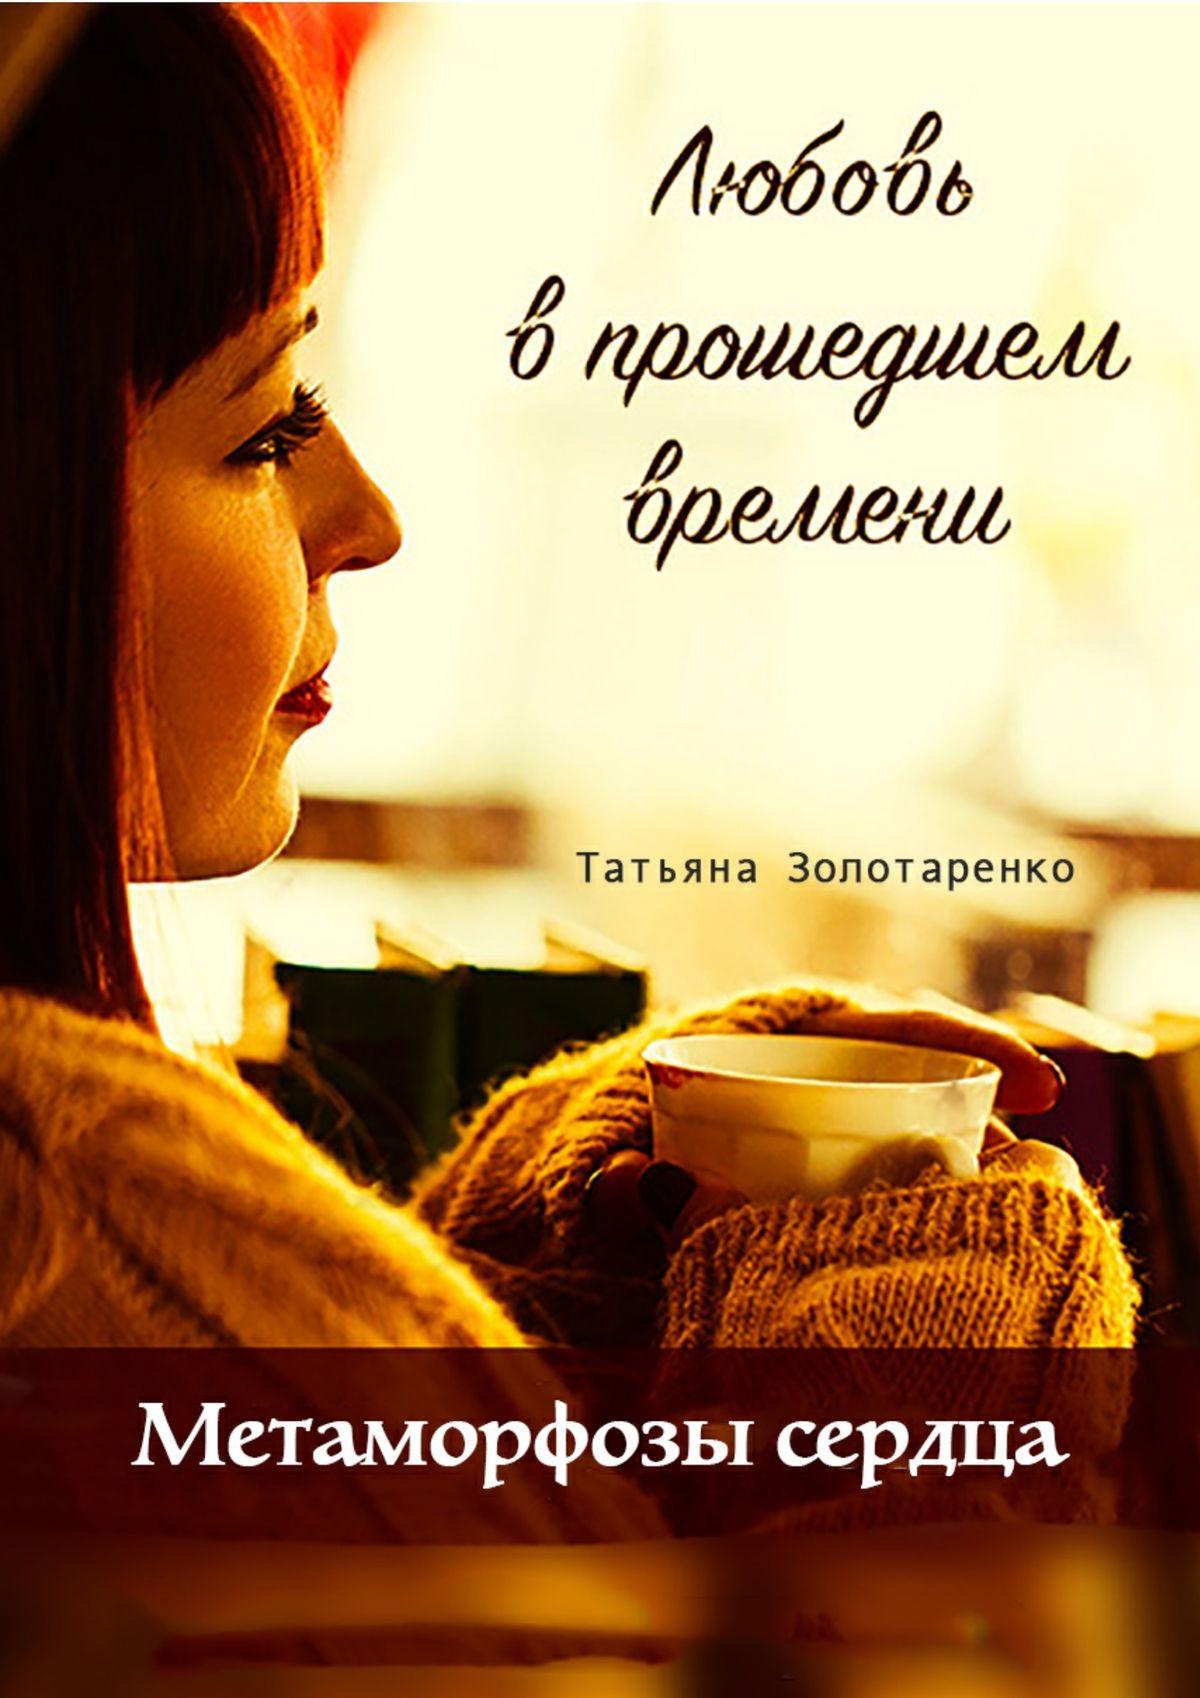 Татьяна Золотаренко Метаморфозы сердца. Любовь в прошедшем времени юлия александровна лаврова любовь – это… 50женских мыслей олюбви чувствамоей души исердца